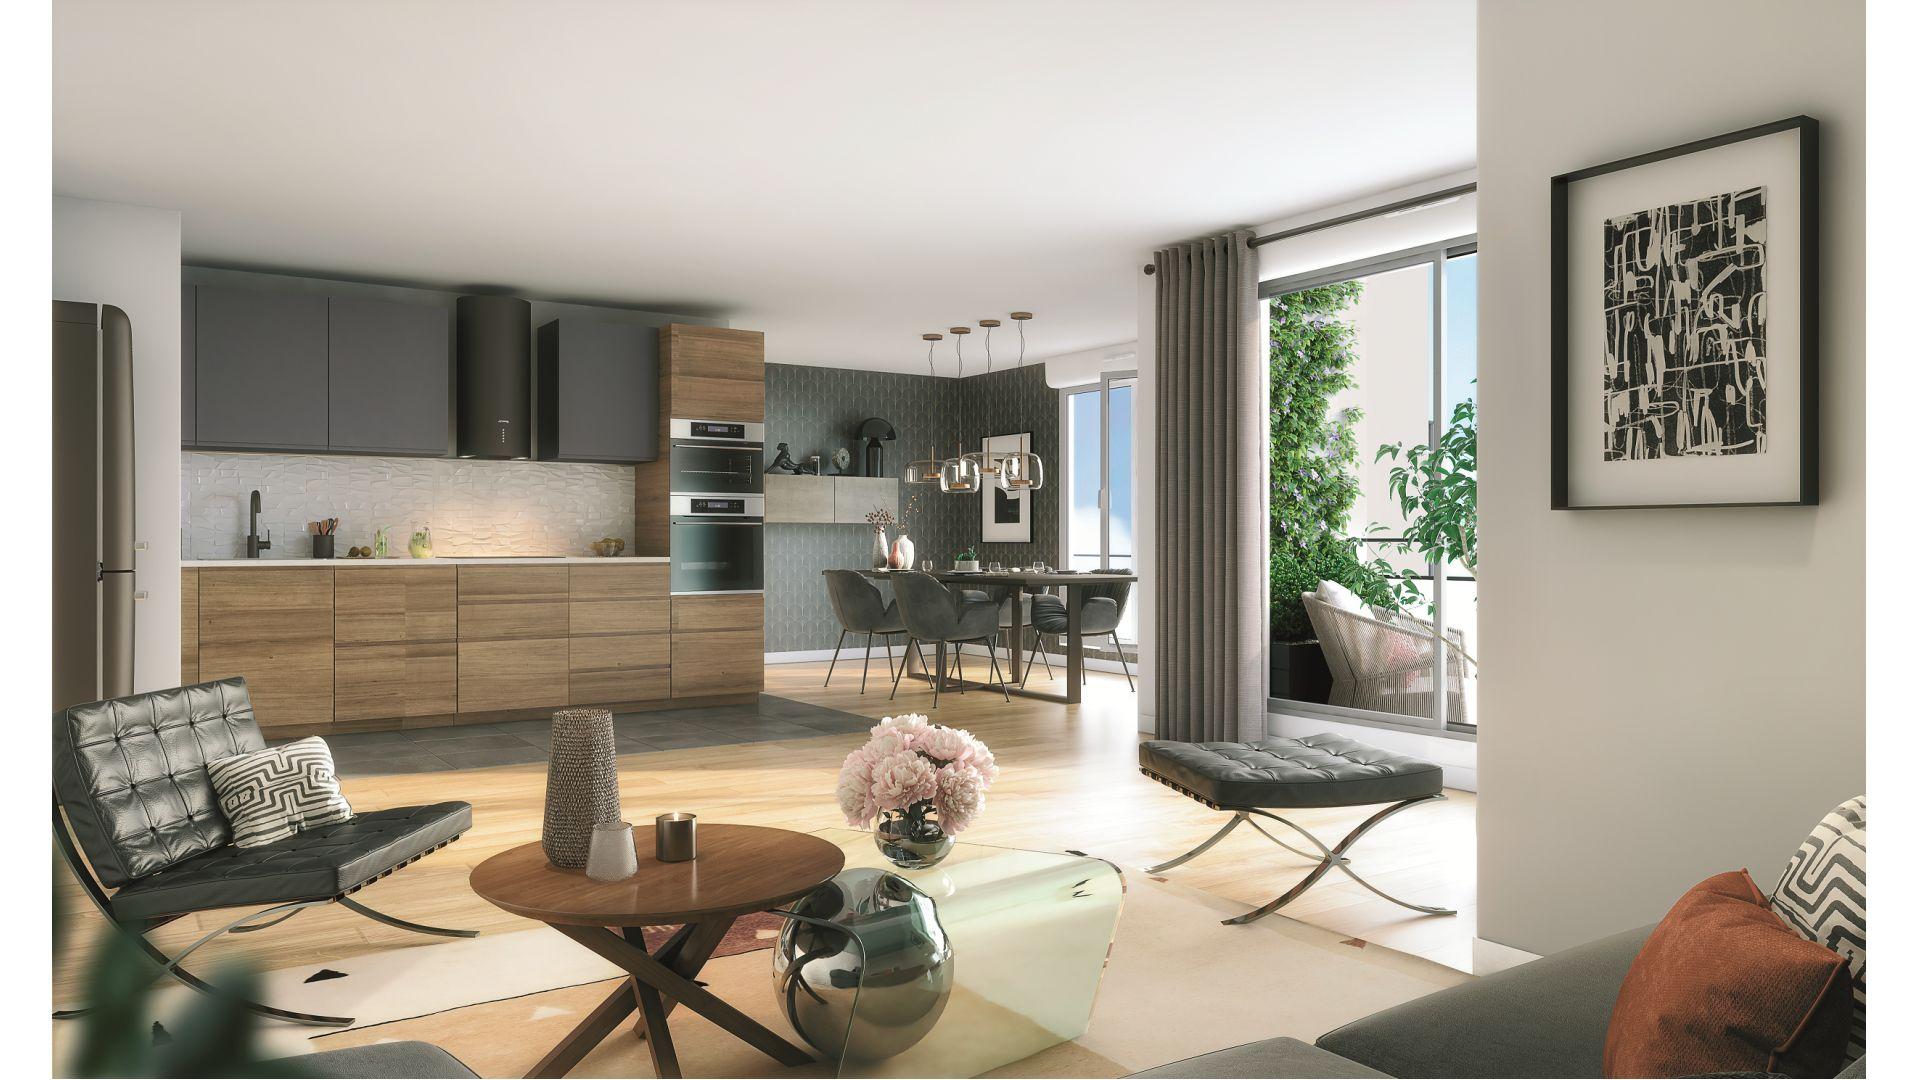 Greencity Immobilier - Résidence Silver Park - achat appartements du T2 au T4 - Le Perreux sur Marne 94170 - vue intérieure